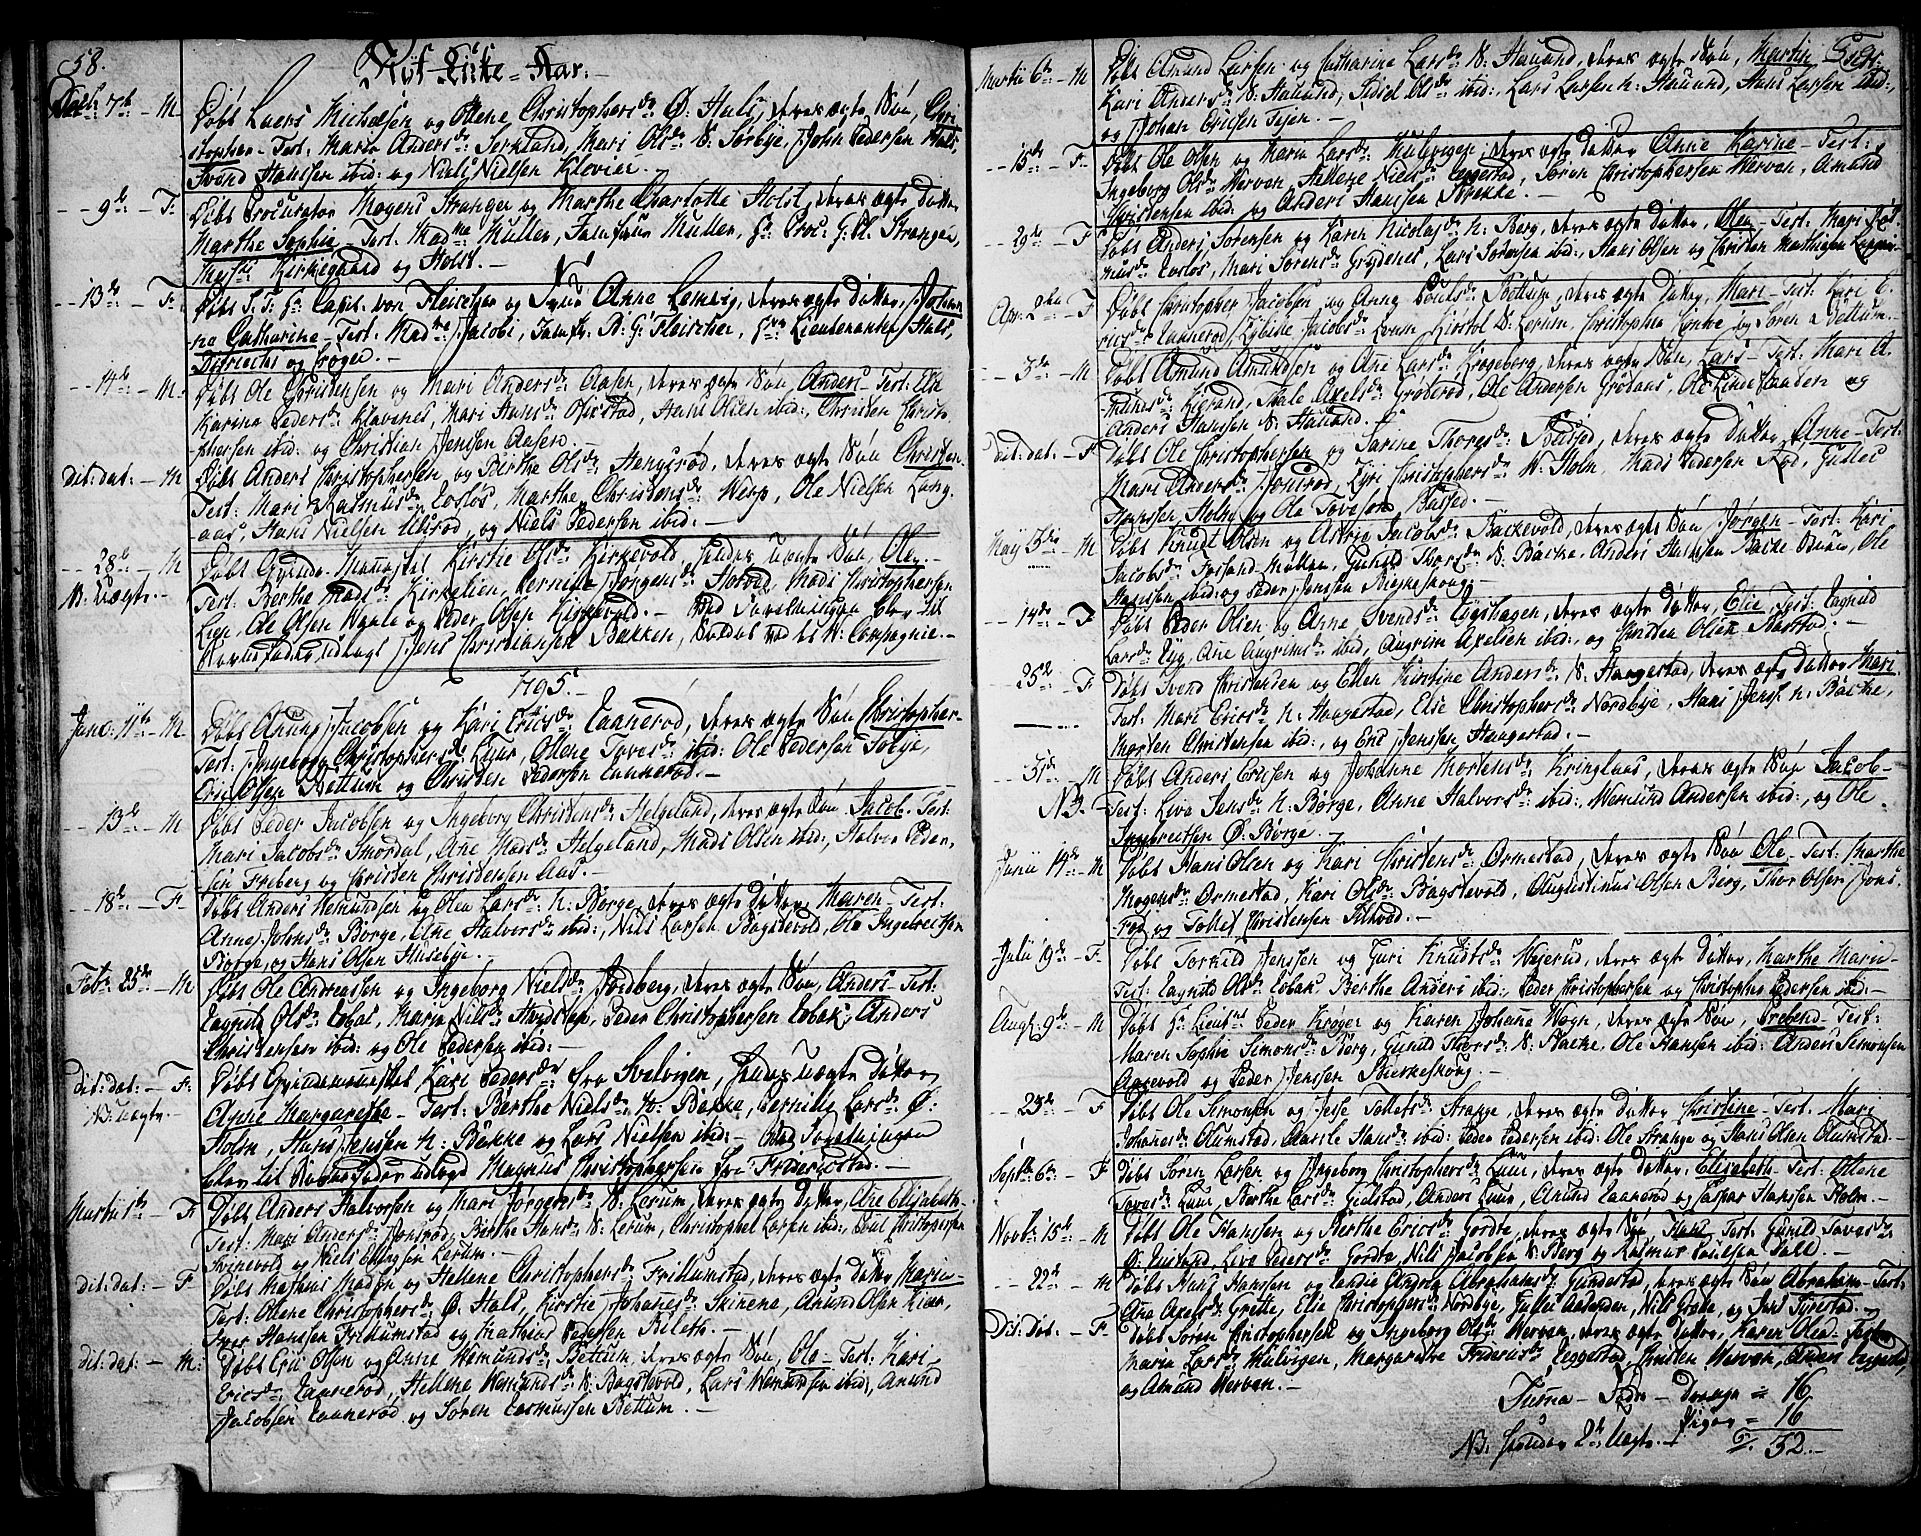 SAKO, Våle kirkebøker, F/Fa/L0005: Ministerialbok nr. I 5, 1773-1808, s. 58-59